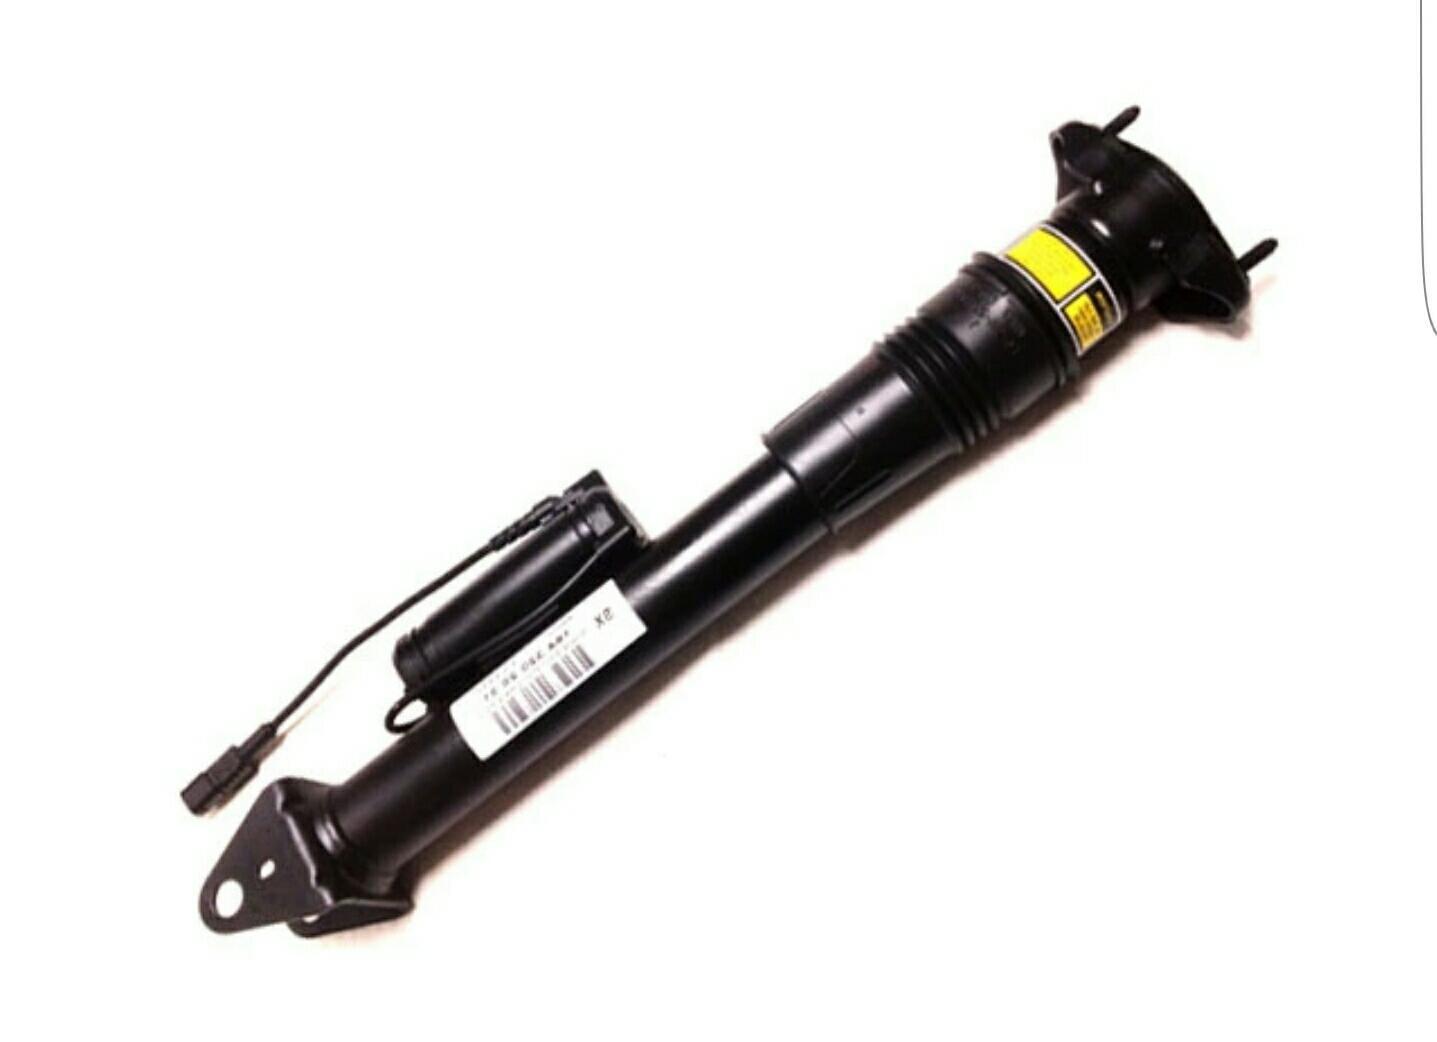 Støtdemper bak GLx164 /ML 164 - Rykkinn  - Levere kvalitets støtdemper til Mercedes GL/ML X164/W164 til en gunstig pris!  Godt utprøvd vare, OE kvalitet og funksjon.  Støtdemper bak med ASD: 3190,- pr stk. 5990,- ved kjøp av par.  Støtdemp - Rykkinn